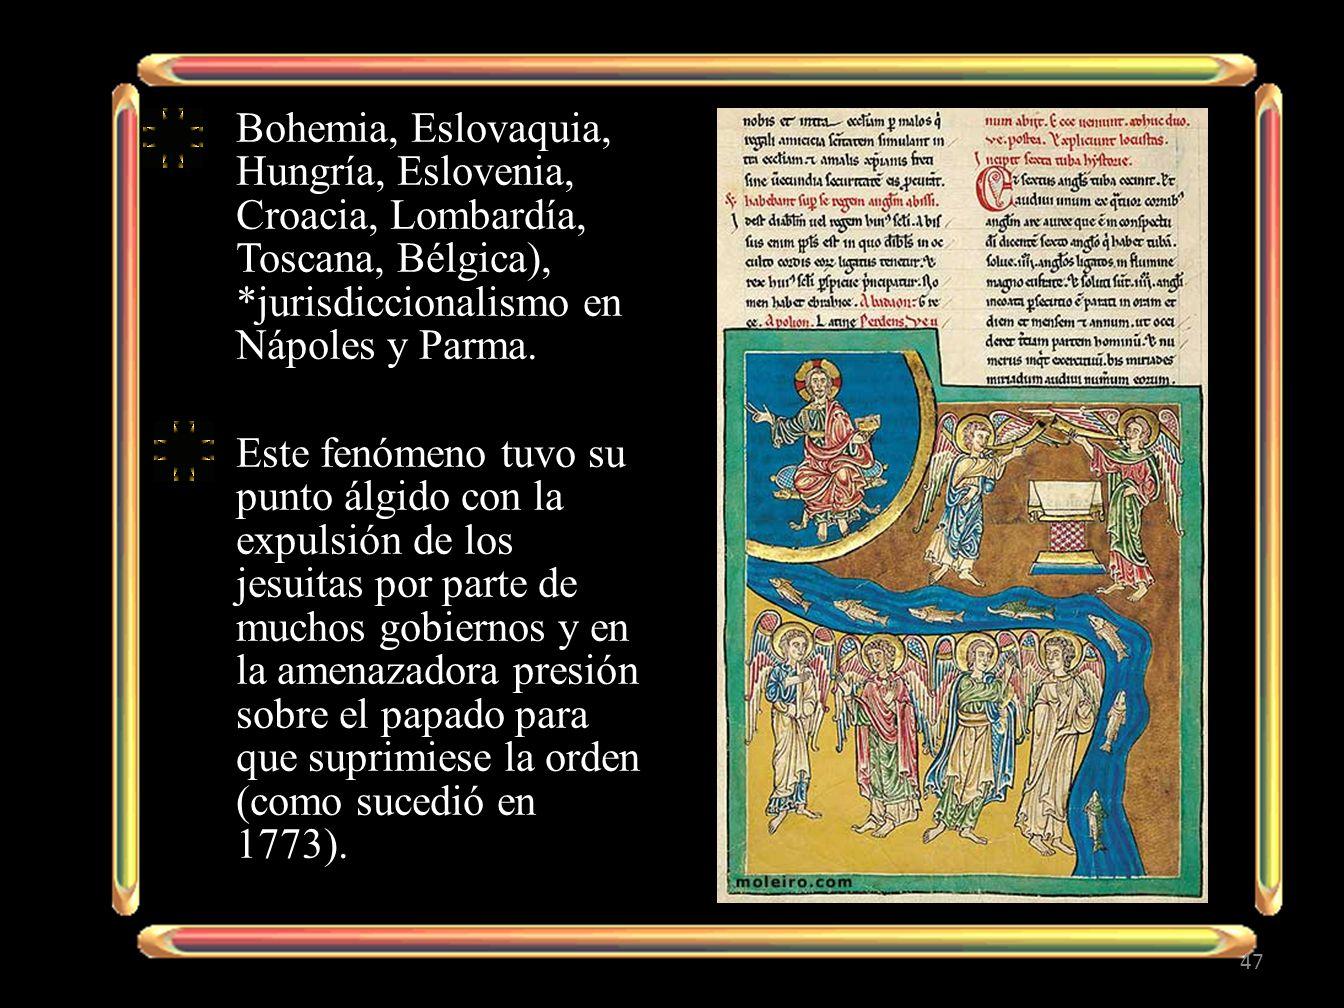 Bohemia, Eslovaquia, Hungría, Eslovenia, Croacia, Lombardía, Toscana, Bélgica), *jurisdiccionalismo en Nápoles y Parma.